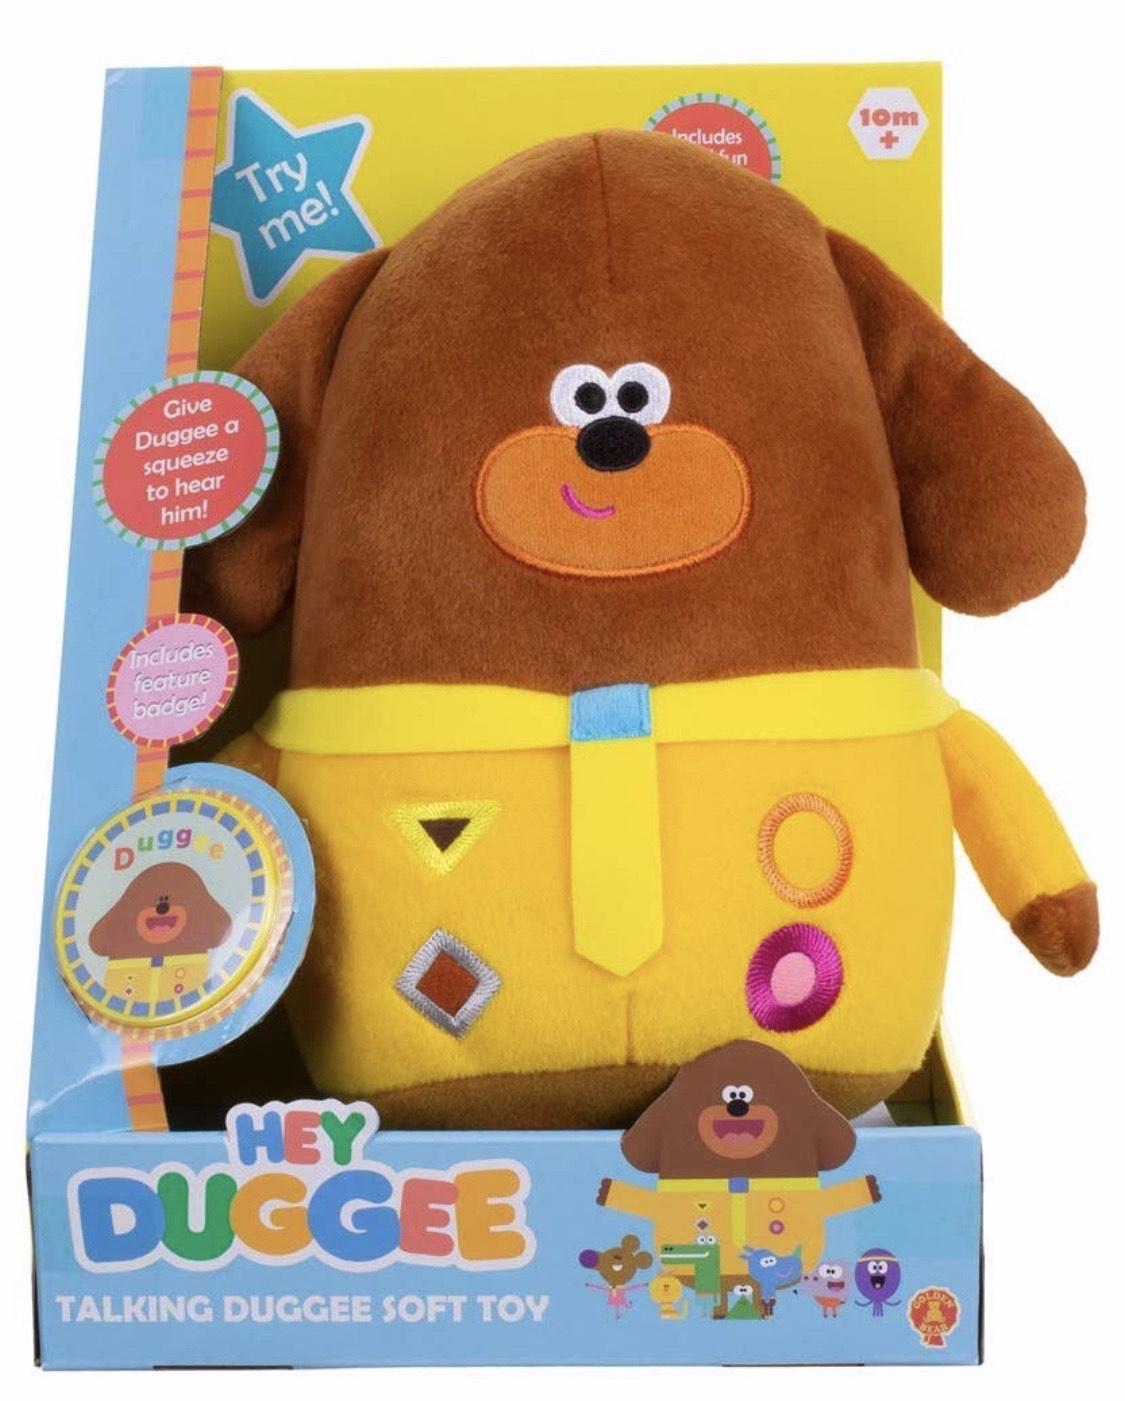 Talking Hey Duggee @ Amazon - £10.90 Prime / £15.39 non-Prime